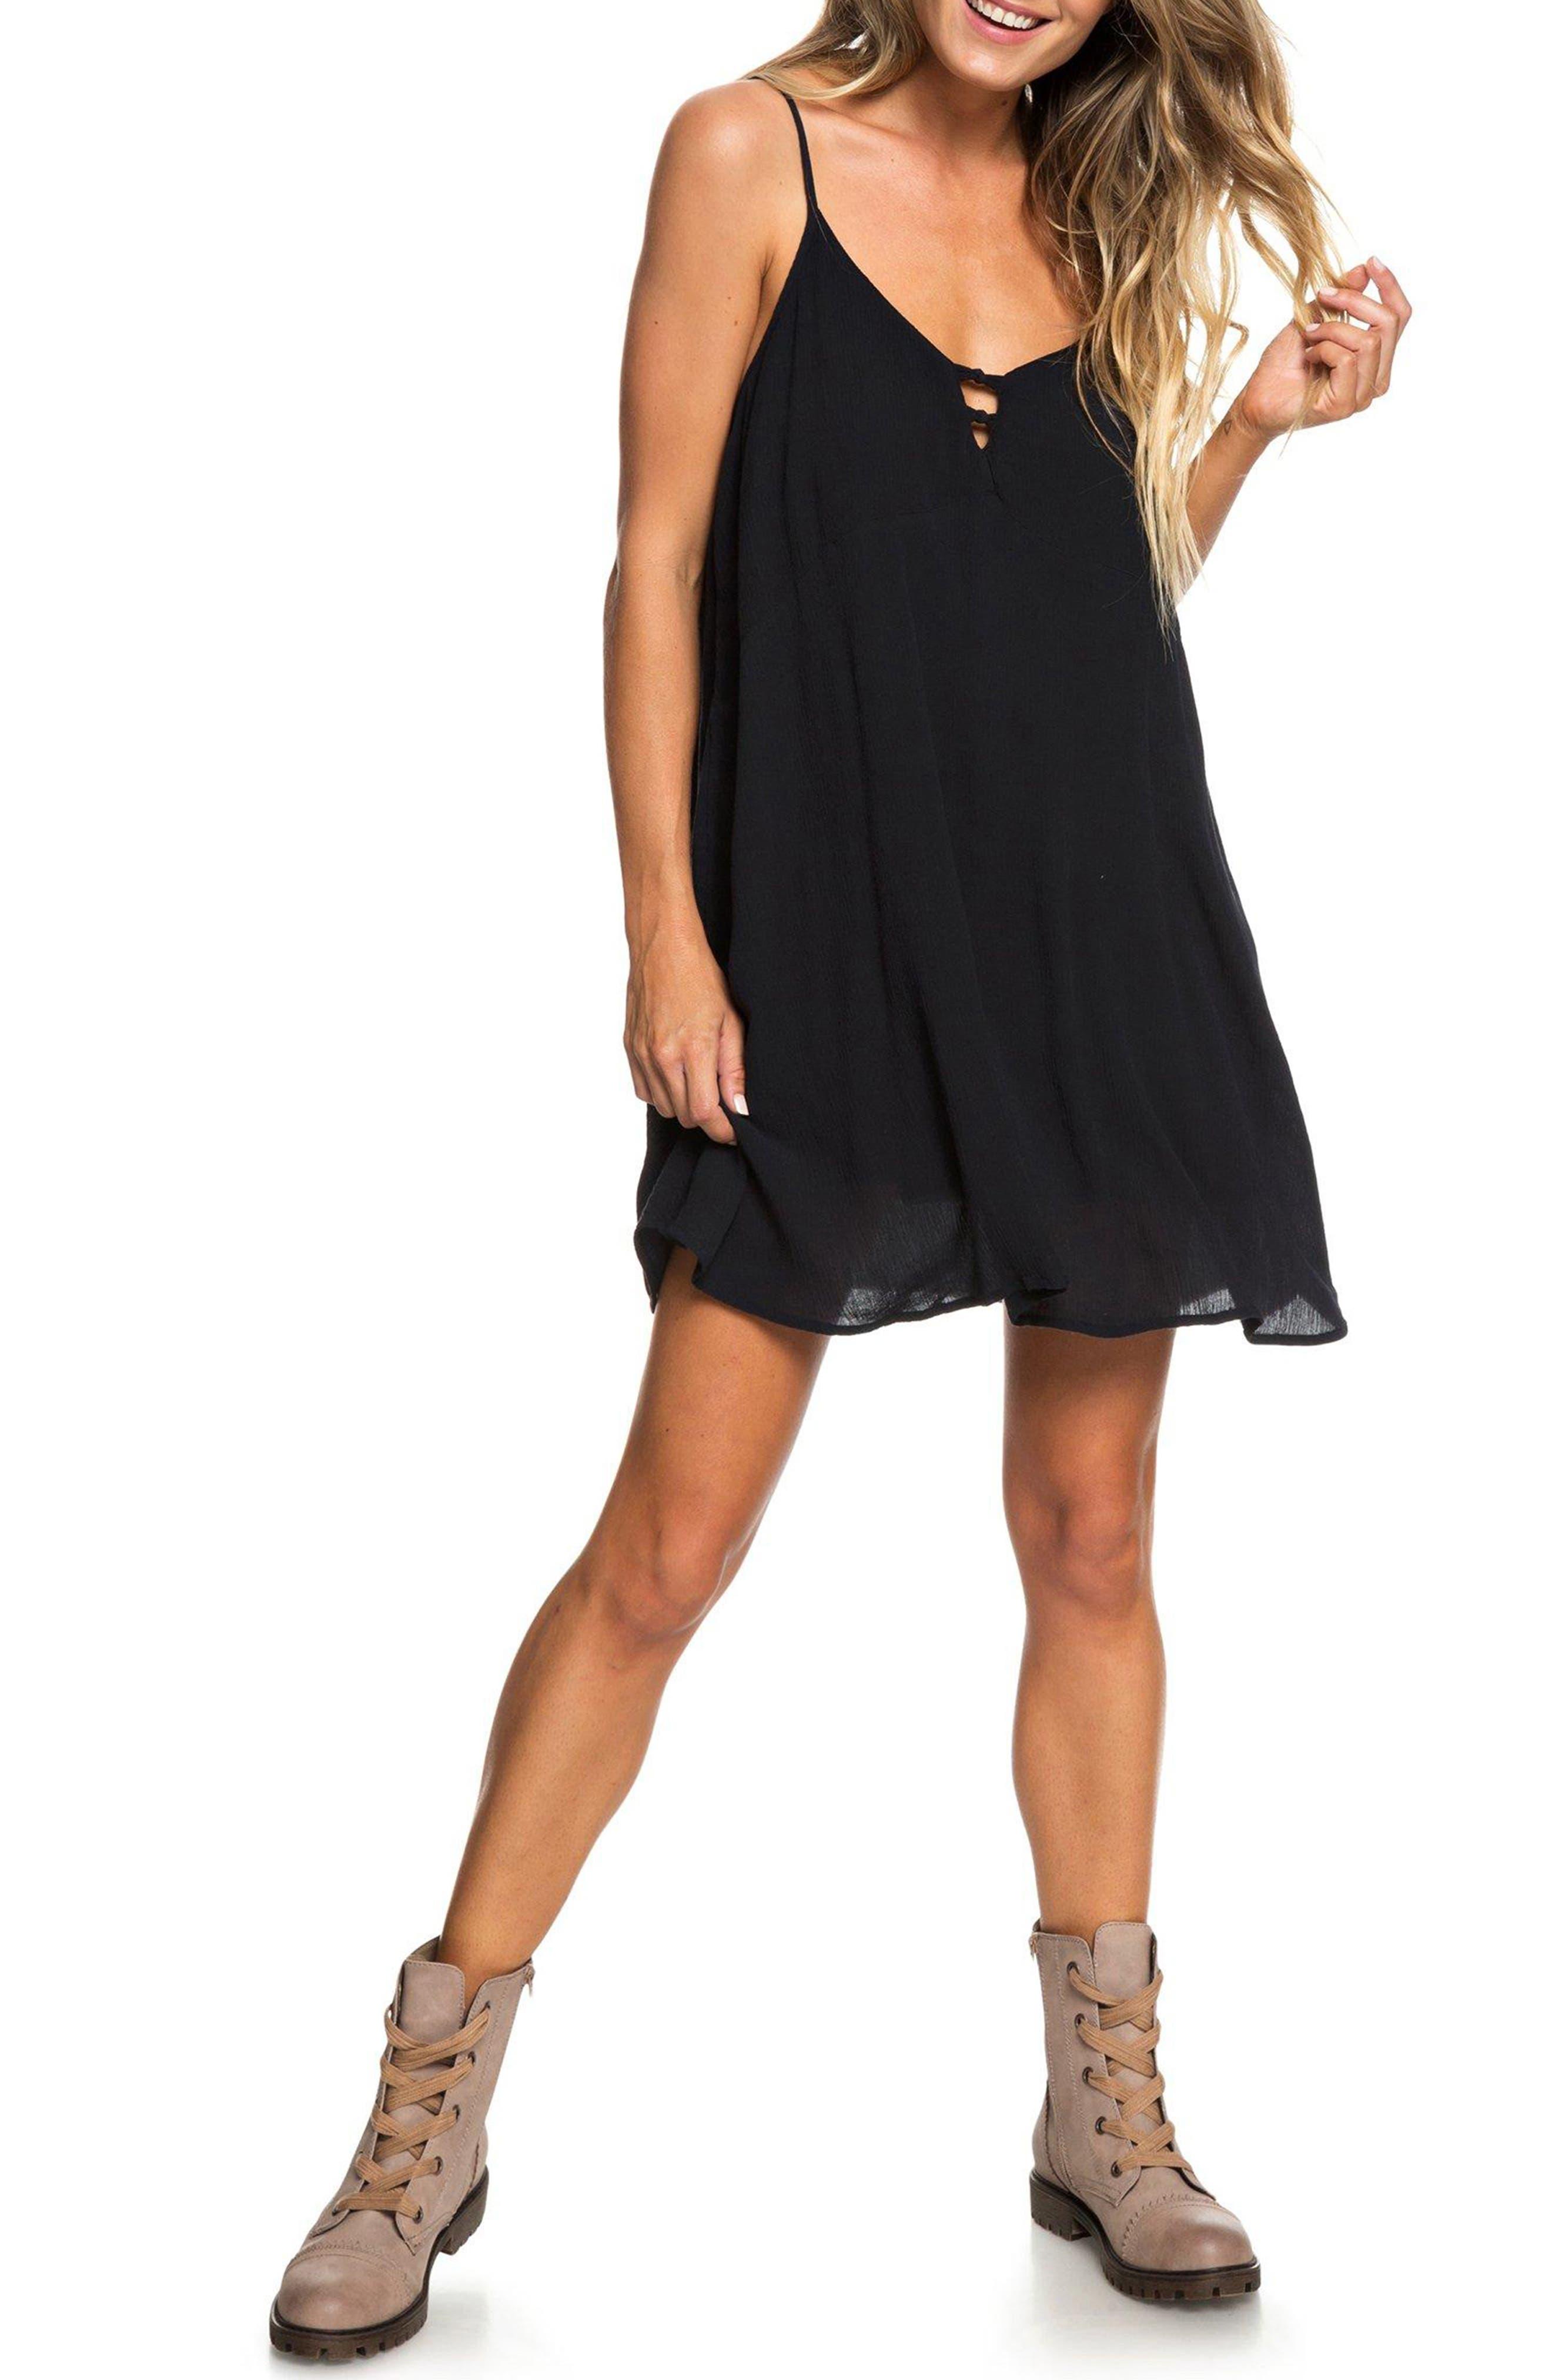 Roxy Full Bloom Swing Dress, Black